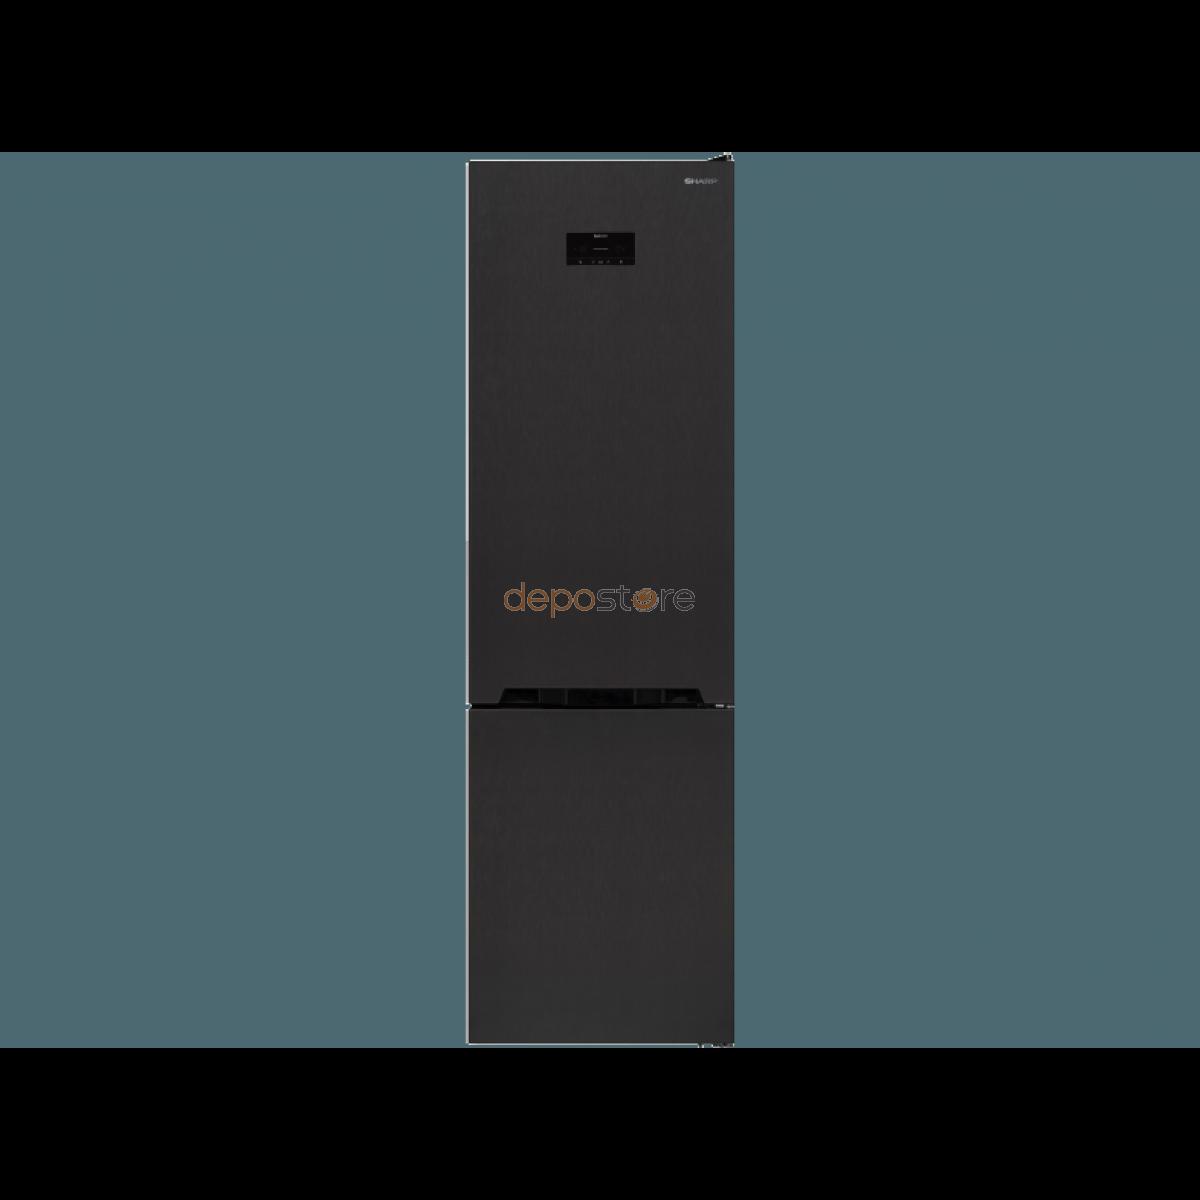 Sharp SJ-BA20IHXA3 alulfagyasztós hűtőszekrény, No-Frost, A+++, 182 kWh / év, (Hűtők)